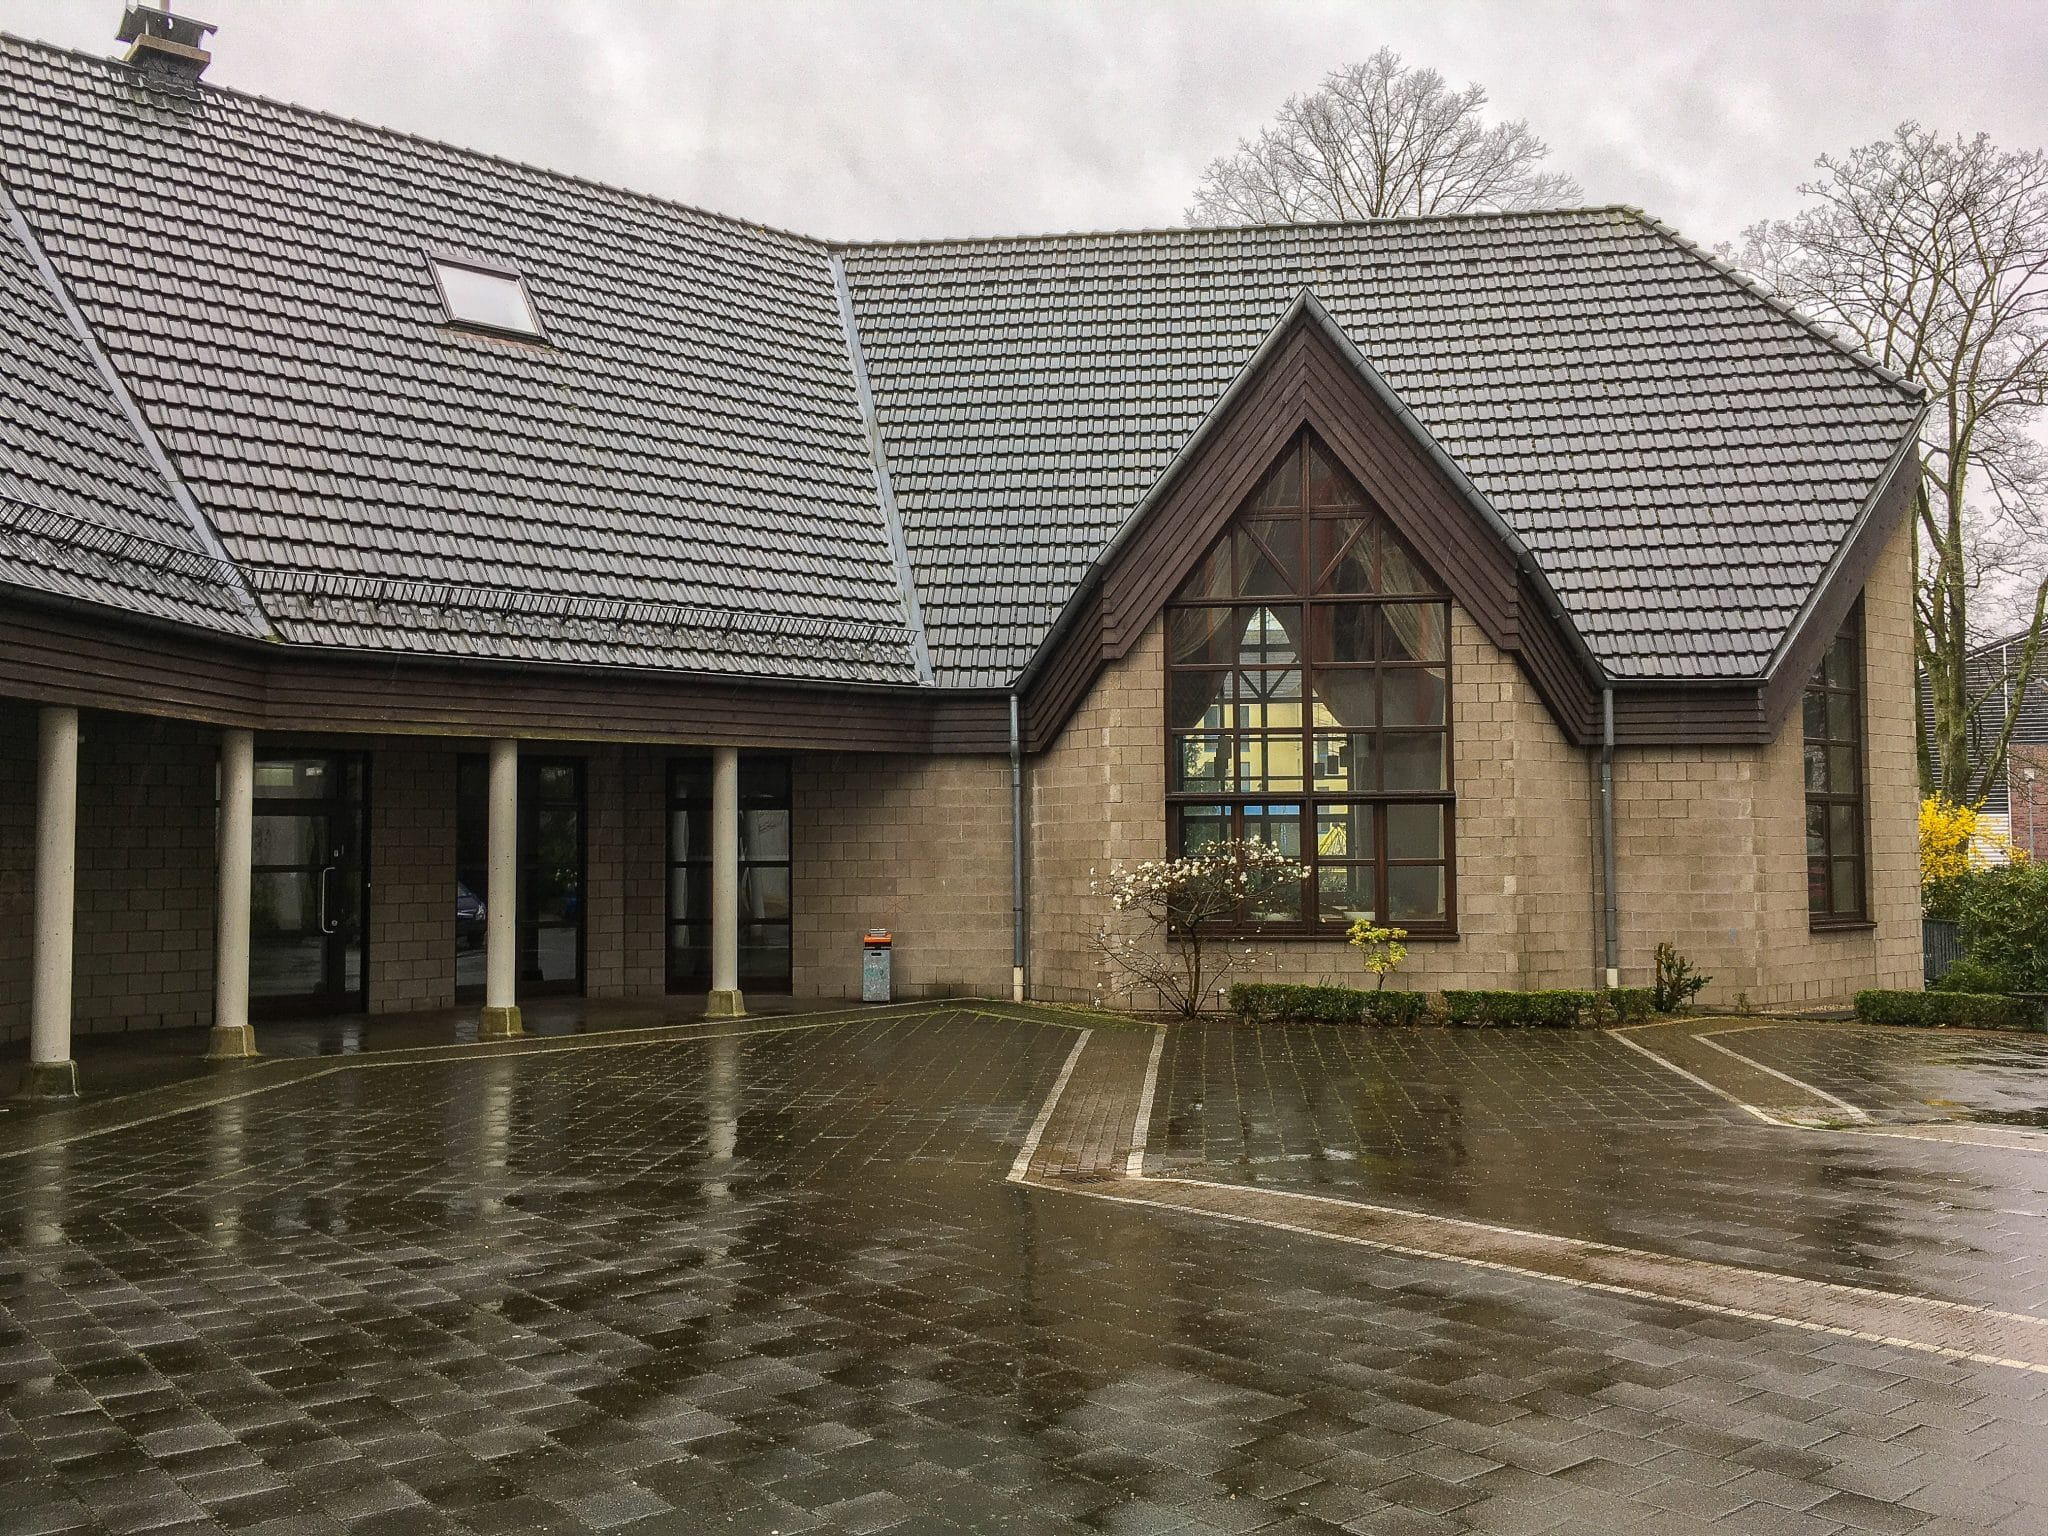 Die Veranstaltung findet im Gemeindehaus der katholischen Remigiusgemeinde Mengede statt. (Foto: IN-StadtMagazine)